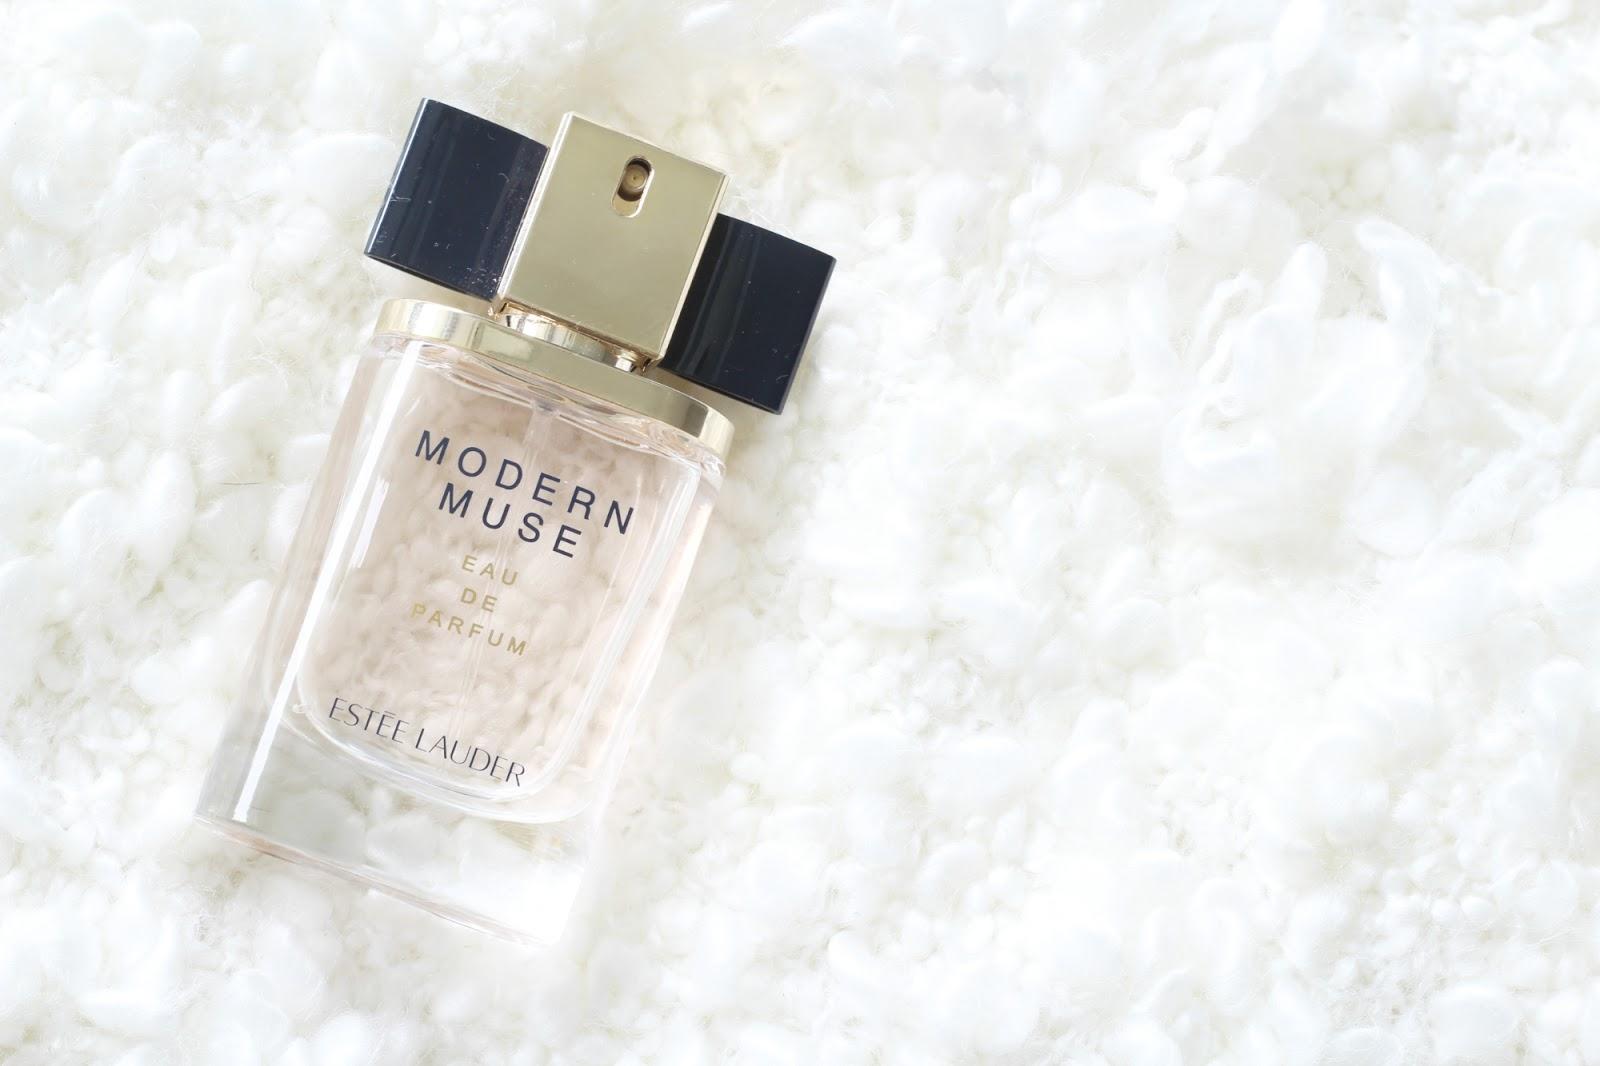 Estee Lauder Modern Muse Eau de Parfum Review